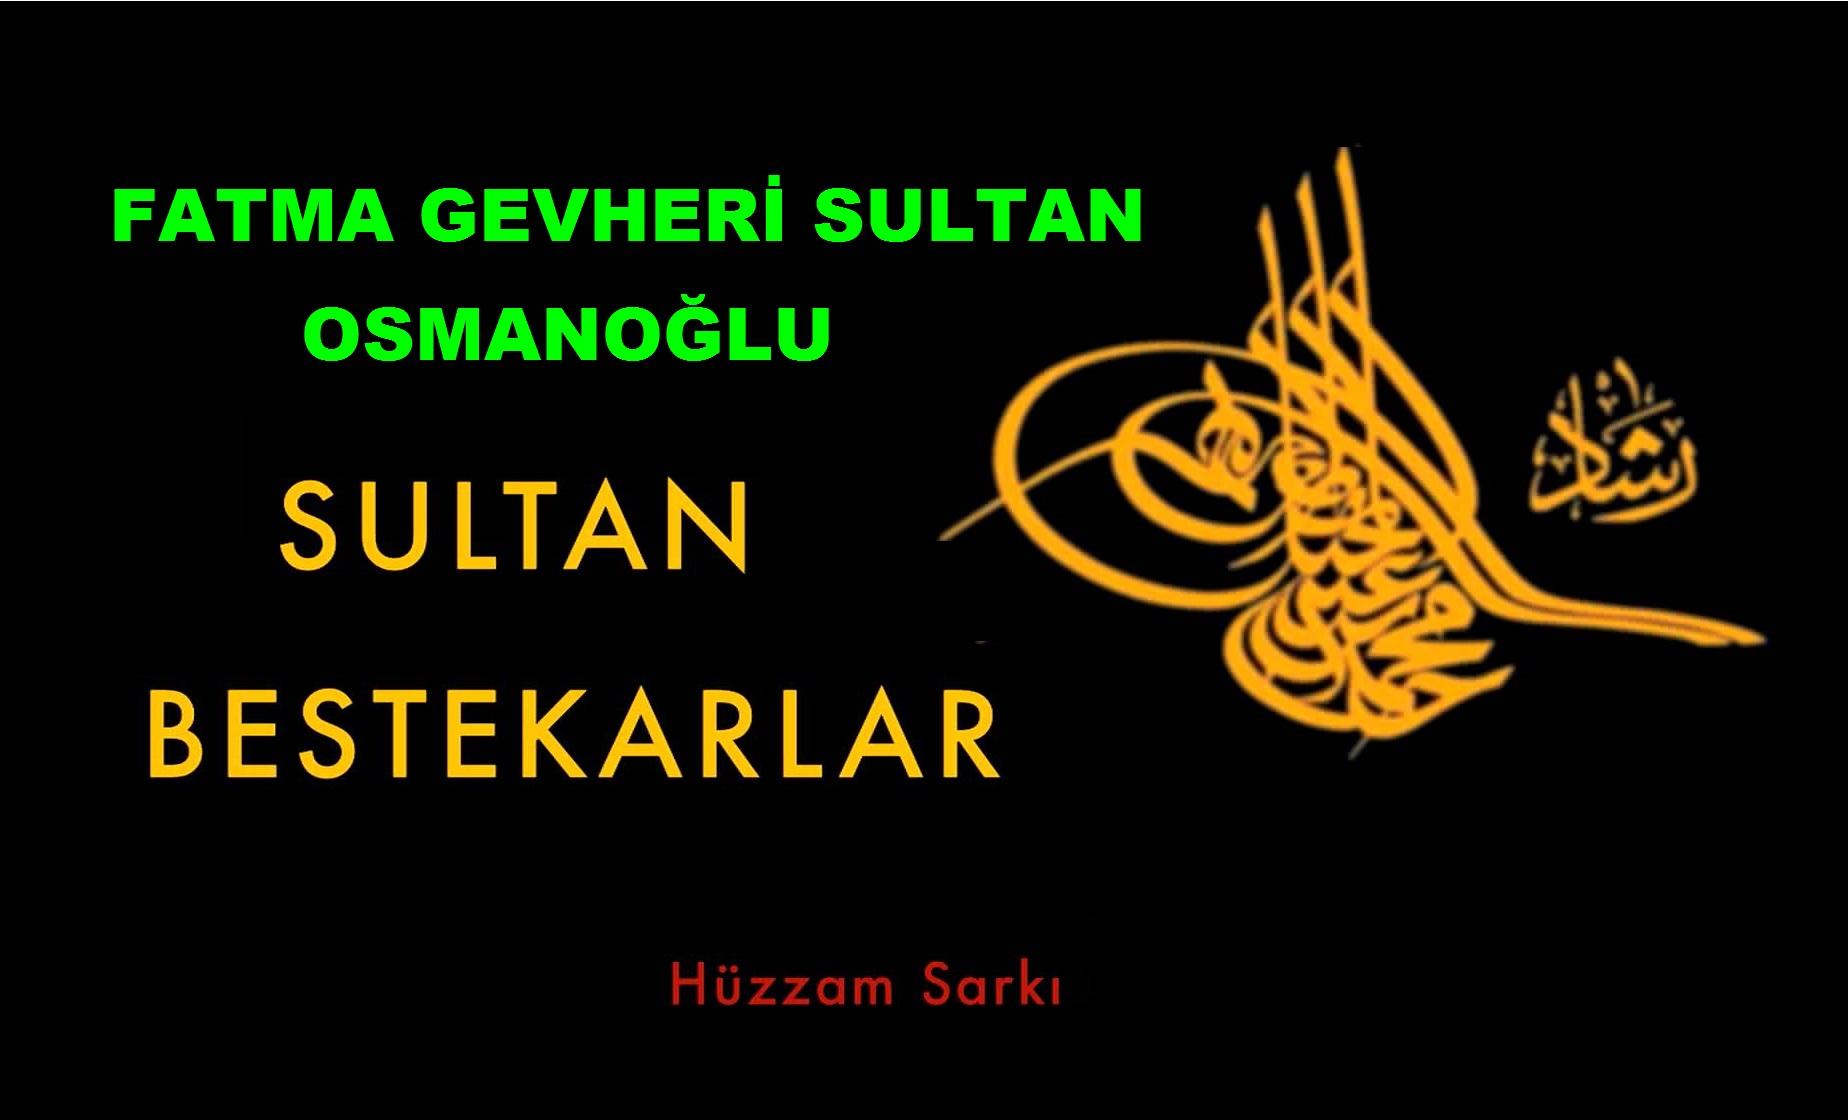 Fatma Gevheri Sultan Osmanoglu 1904 1980 Sultani Bestekar Bestekar Ve Müzisyen Baba Kız Şehzade Mehmet Seyfettin Efendi Ve Kızı